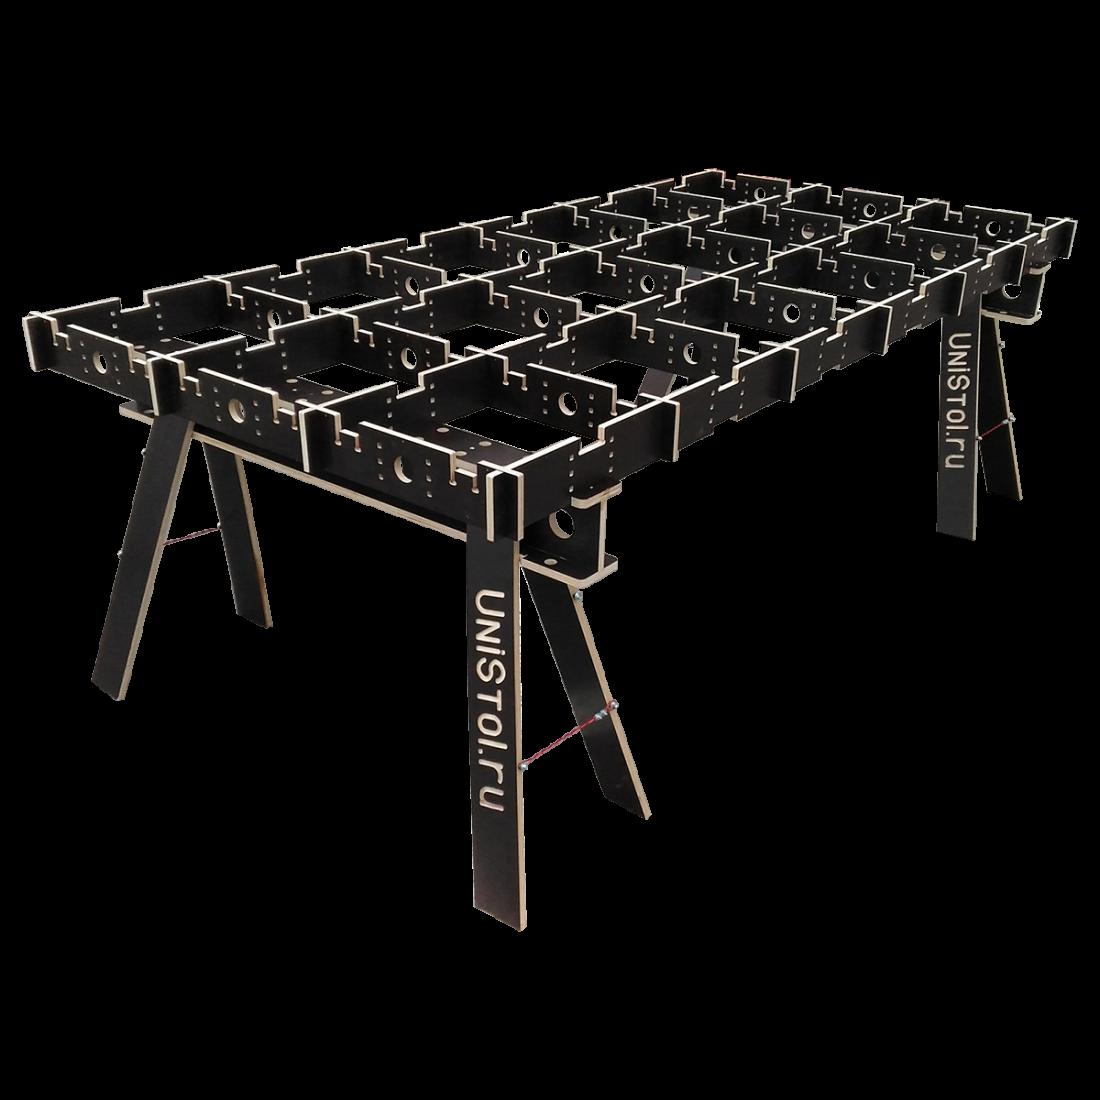 Ячеистый стол для раскроя листовых материалов 2400x1200 мм без столешницы